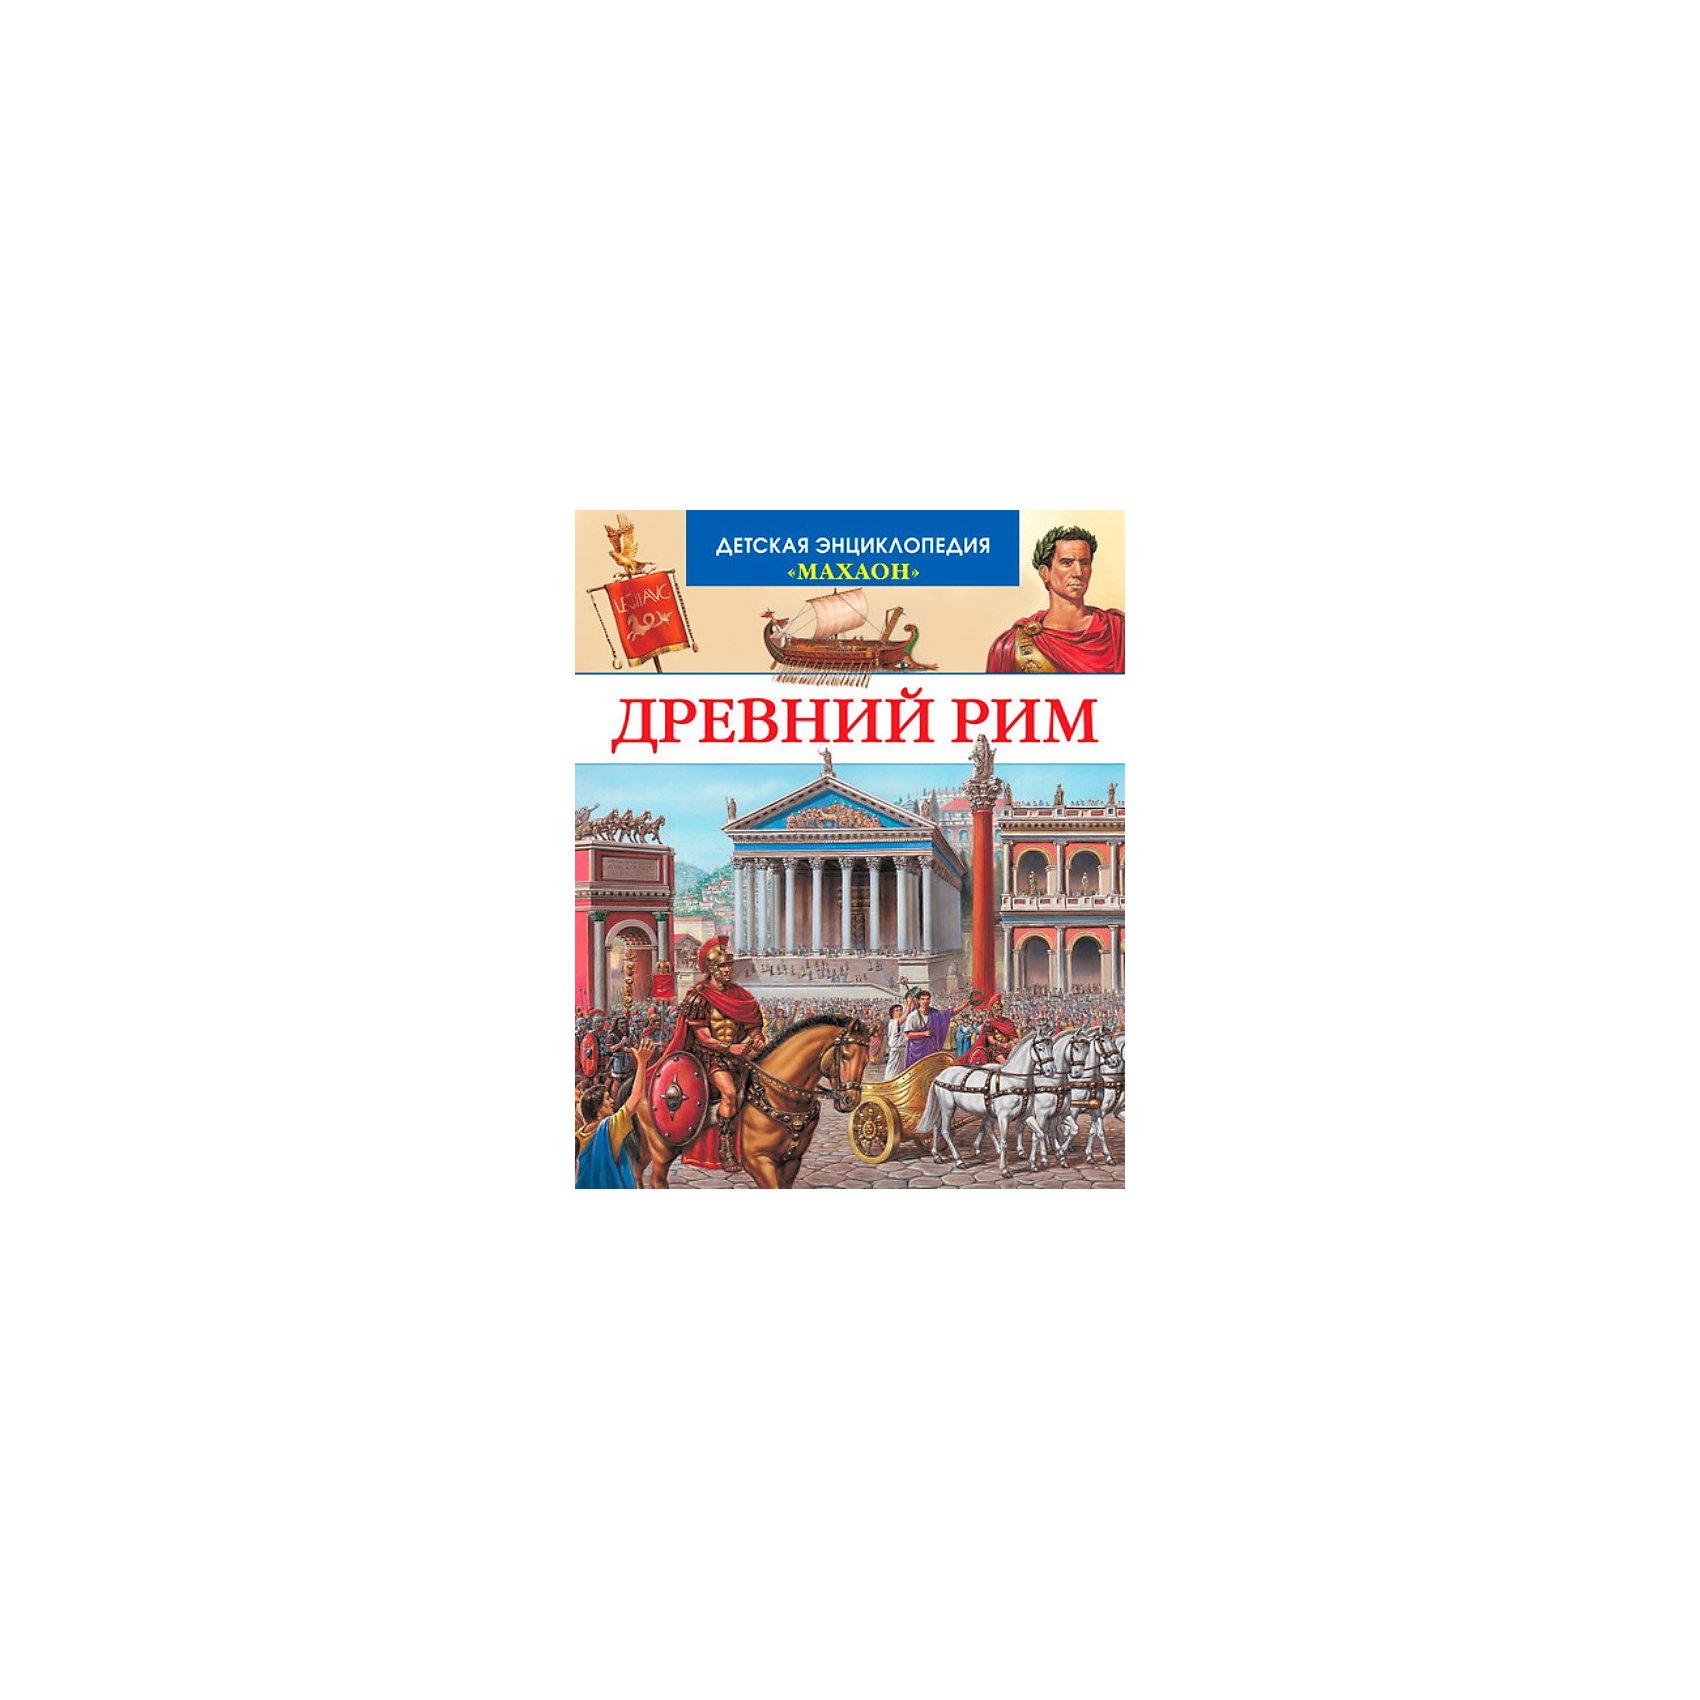 Детская энциклопедия Древний РимКто и когда основал город Рим? <br>Какое море римляне называли внутренним? <br>Почему был убит Юлий Цезарь? <br>Сколько лет строили вал Адриана? <br>Какие соревнования проходили в Большом цирке? <br>Почему римляне каждый день ходили в бани? <br>Что такое гарум? <br>Кто имел право носить тогу? <br>Каких богов почитали в Риме? <br>Когда был изобретен календарь? <br><br>В этой прекрасно иллюстрированной книге вы найдете ответы на многие вопросы и узнаете немало интересного о Древнем Риме, колыбели современной цивилизации. <br>Страниц: 128<br>Формат: 202х243<br>Переплет: Переплет<br><br>Ширина мм: 255<br>Глубина мм: 205<br>Высота мм: 12<br>Вес г: 426<br>Возраст от месяцев: 84<br>Возраст до месяцев: 144<br>Пол: Унисекс<br>Возраст: Детский<br>SKU: 2411773